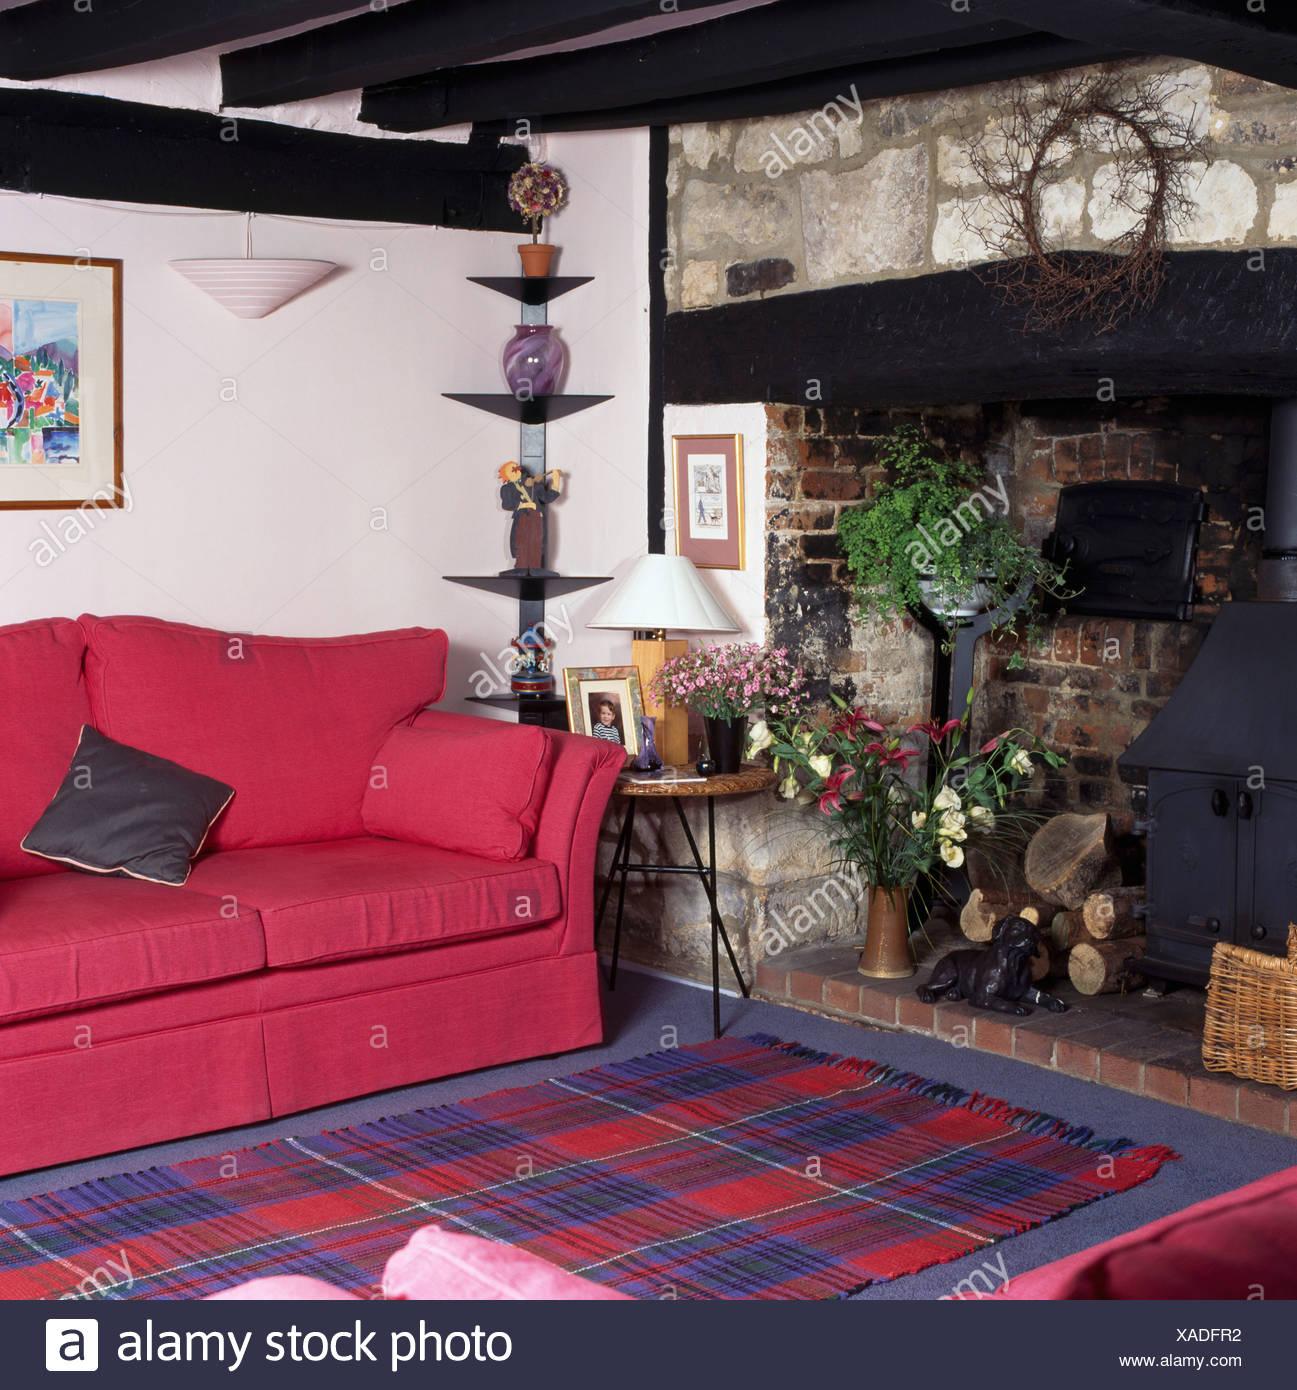 Rosa Sofa Und Blau + Rot Tartan Teppich Inglenook Kamin Mit Holzofen Im  Wohnzimmer Cottage